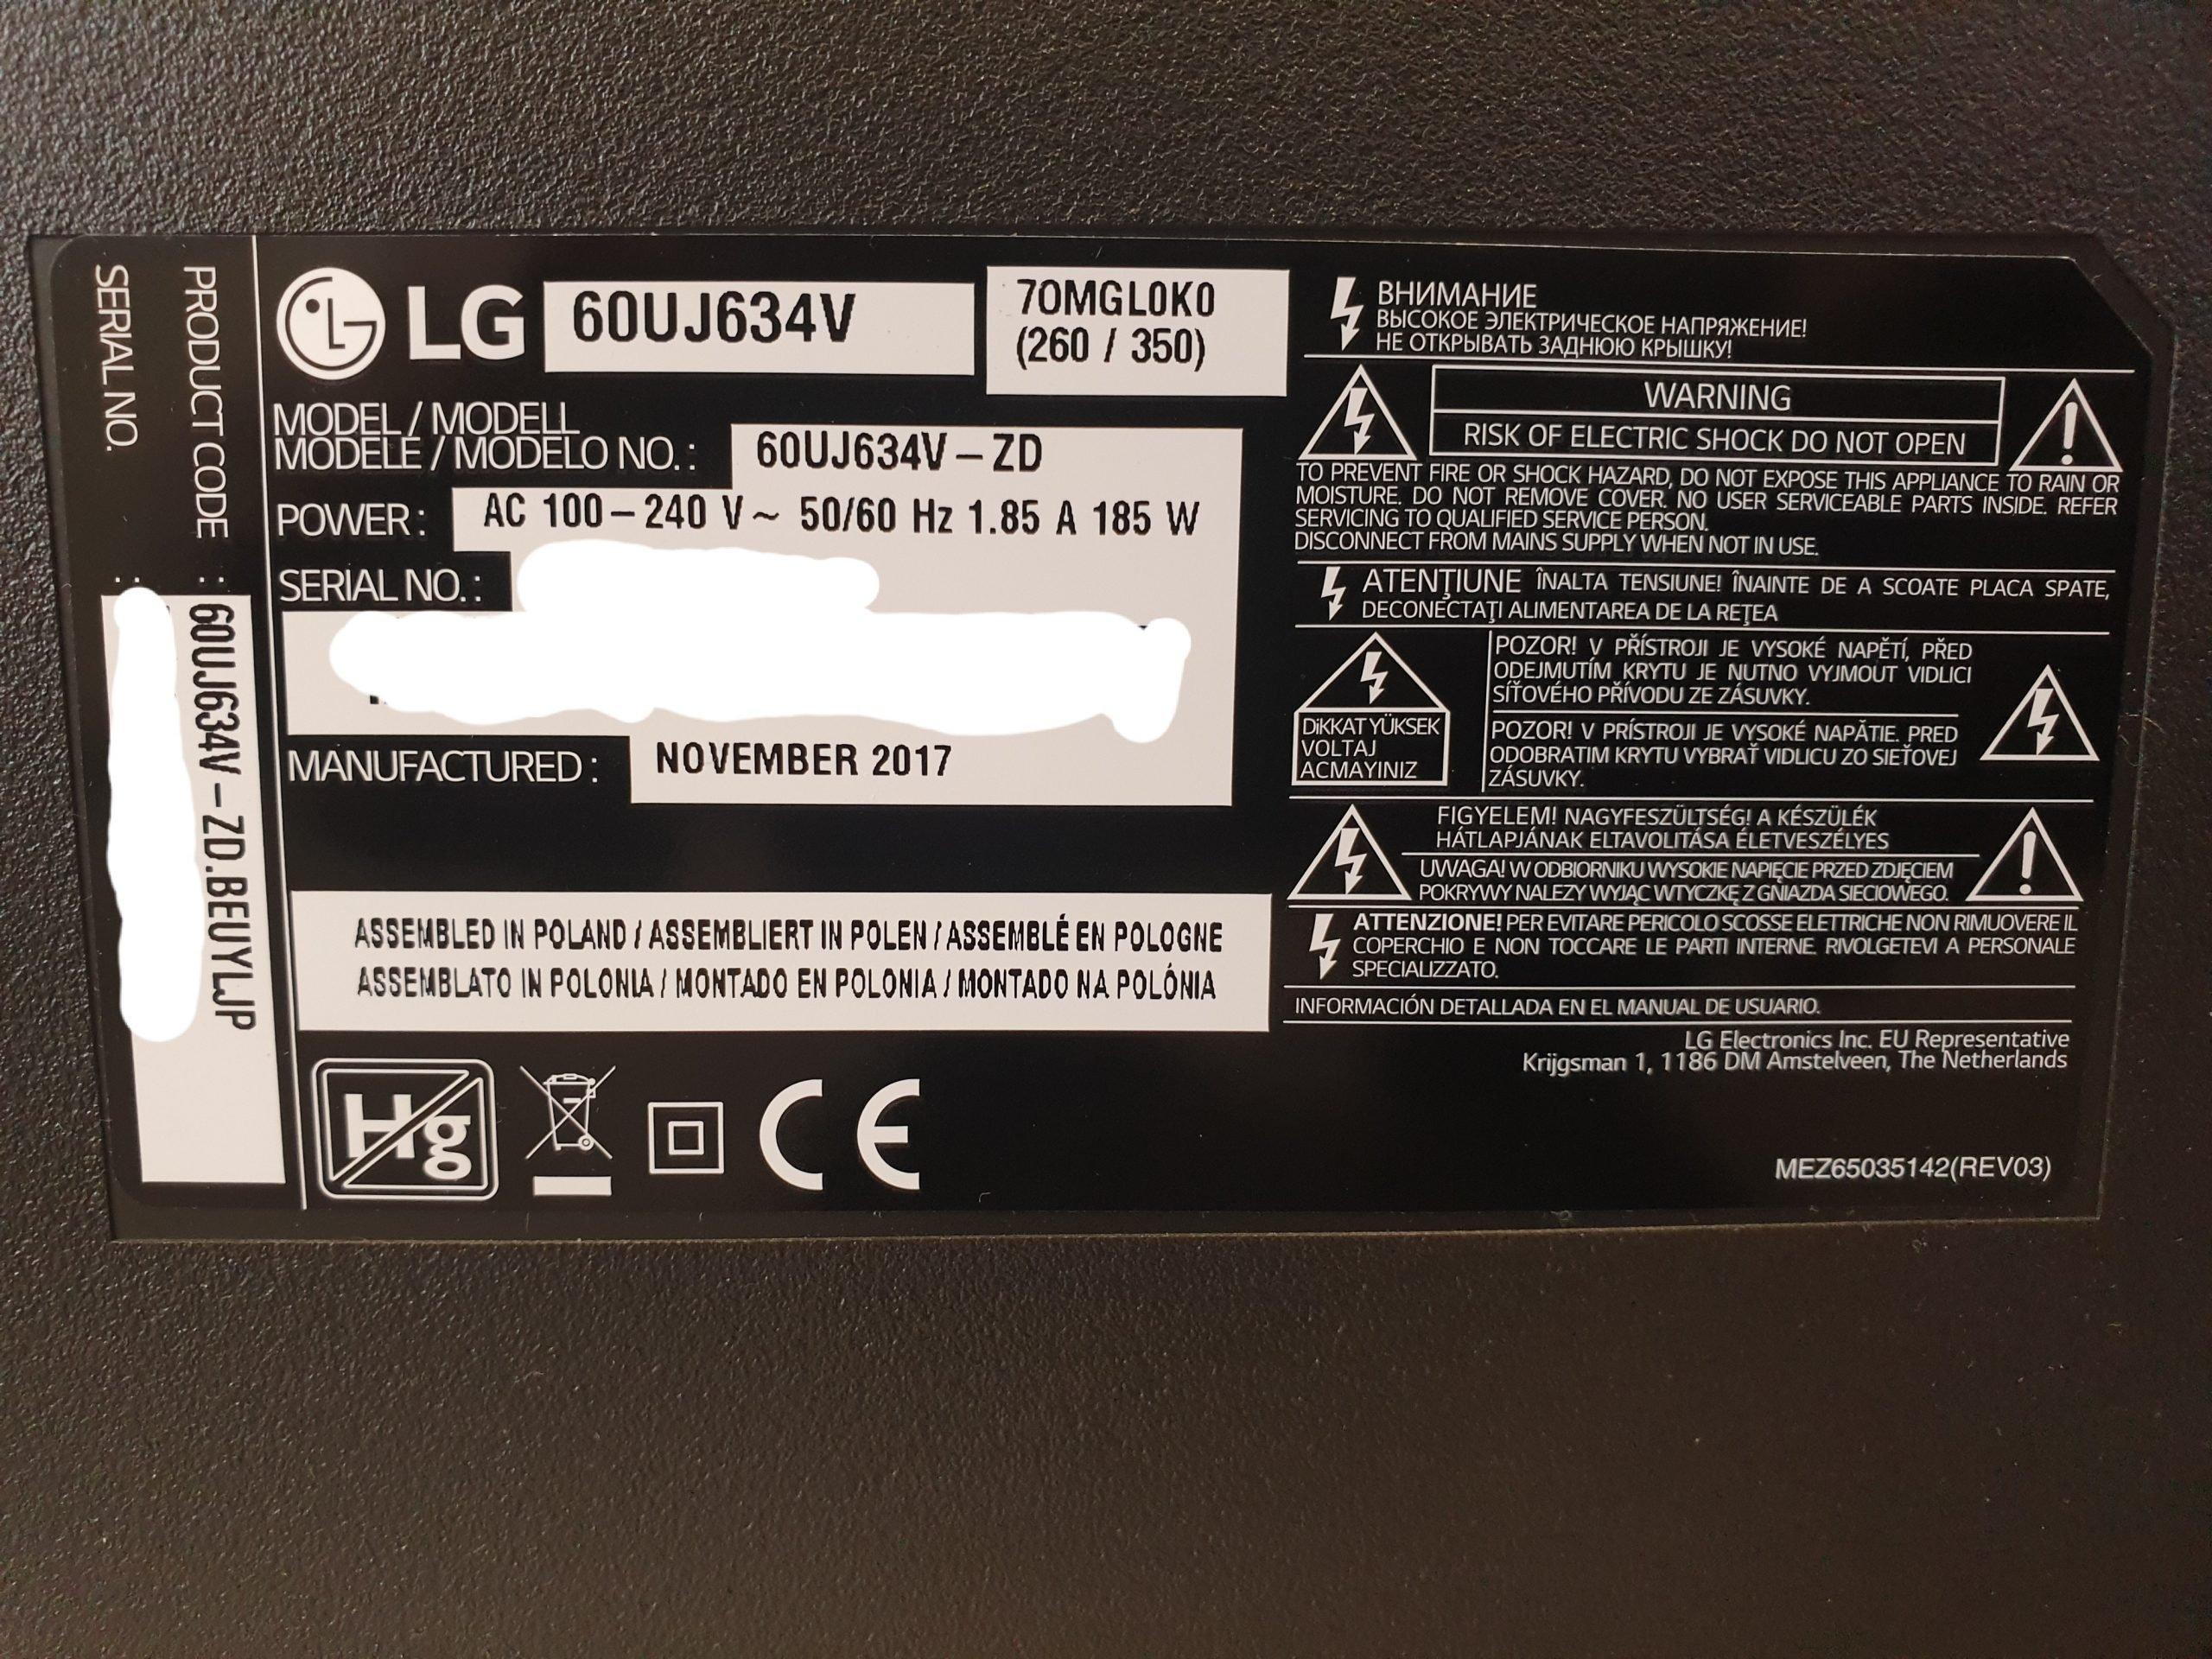 TV LG no enciende servicio tecnico